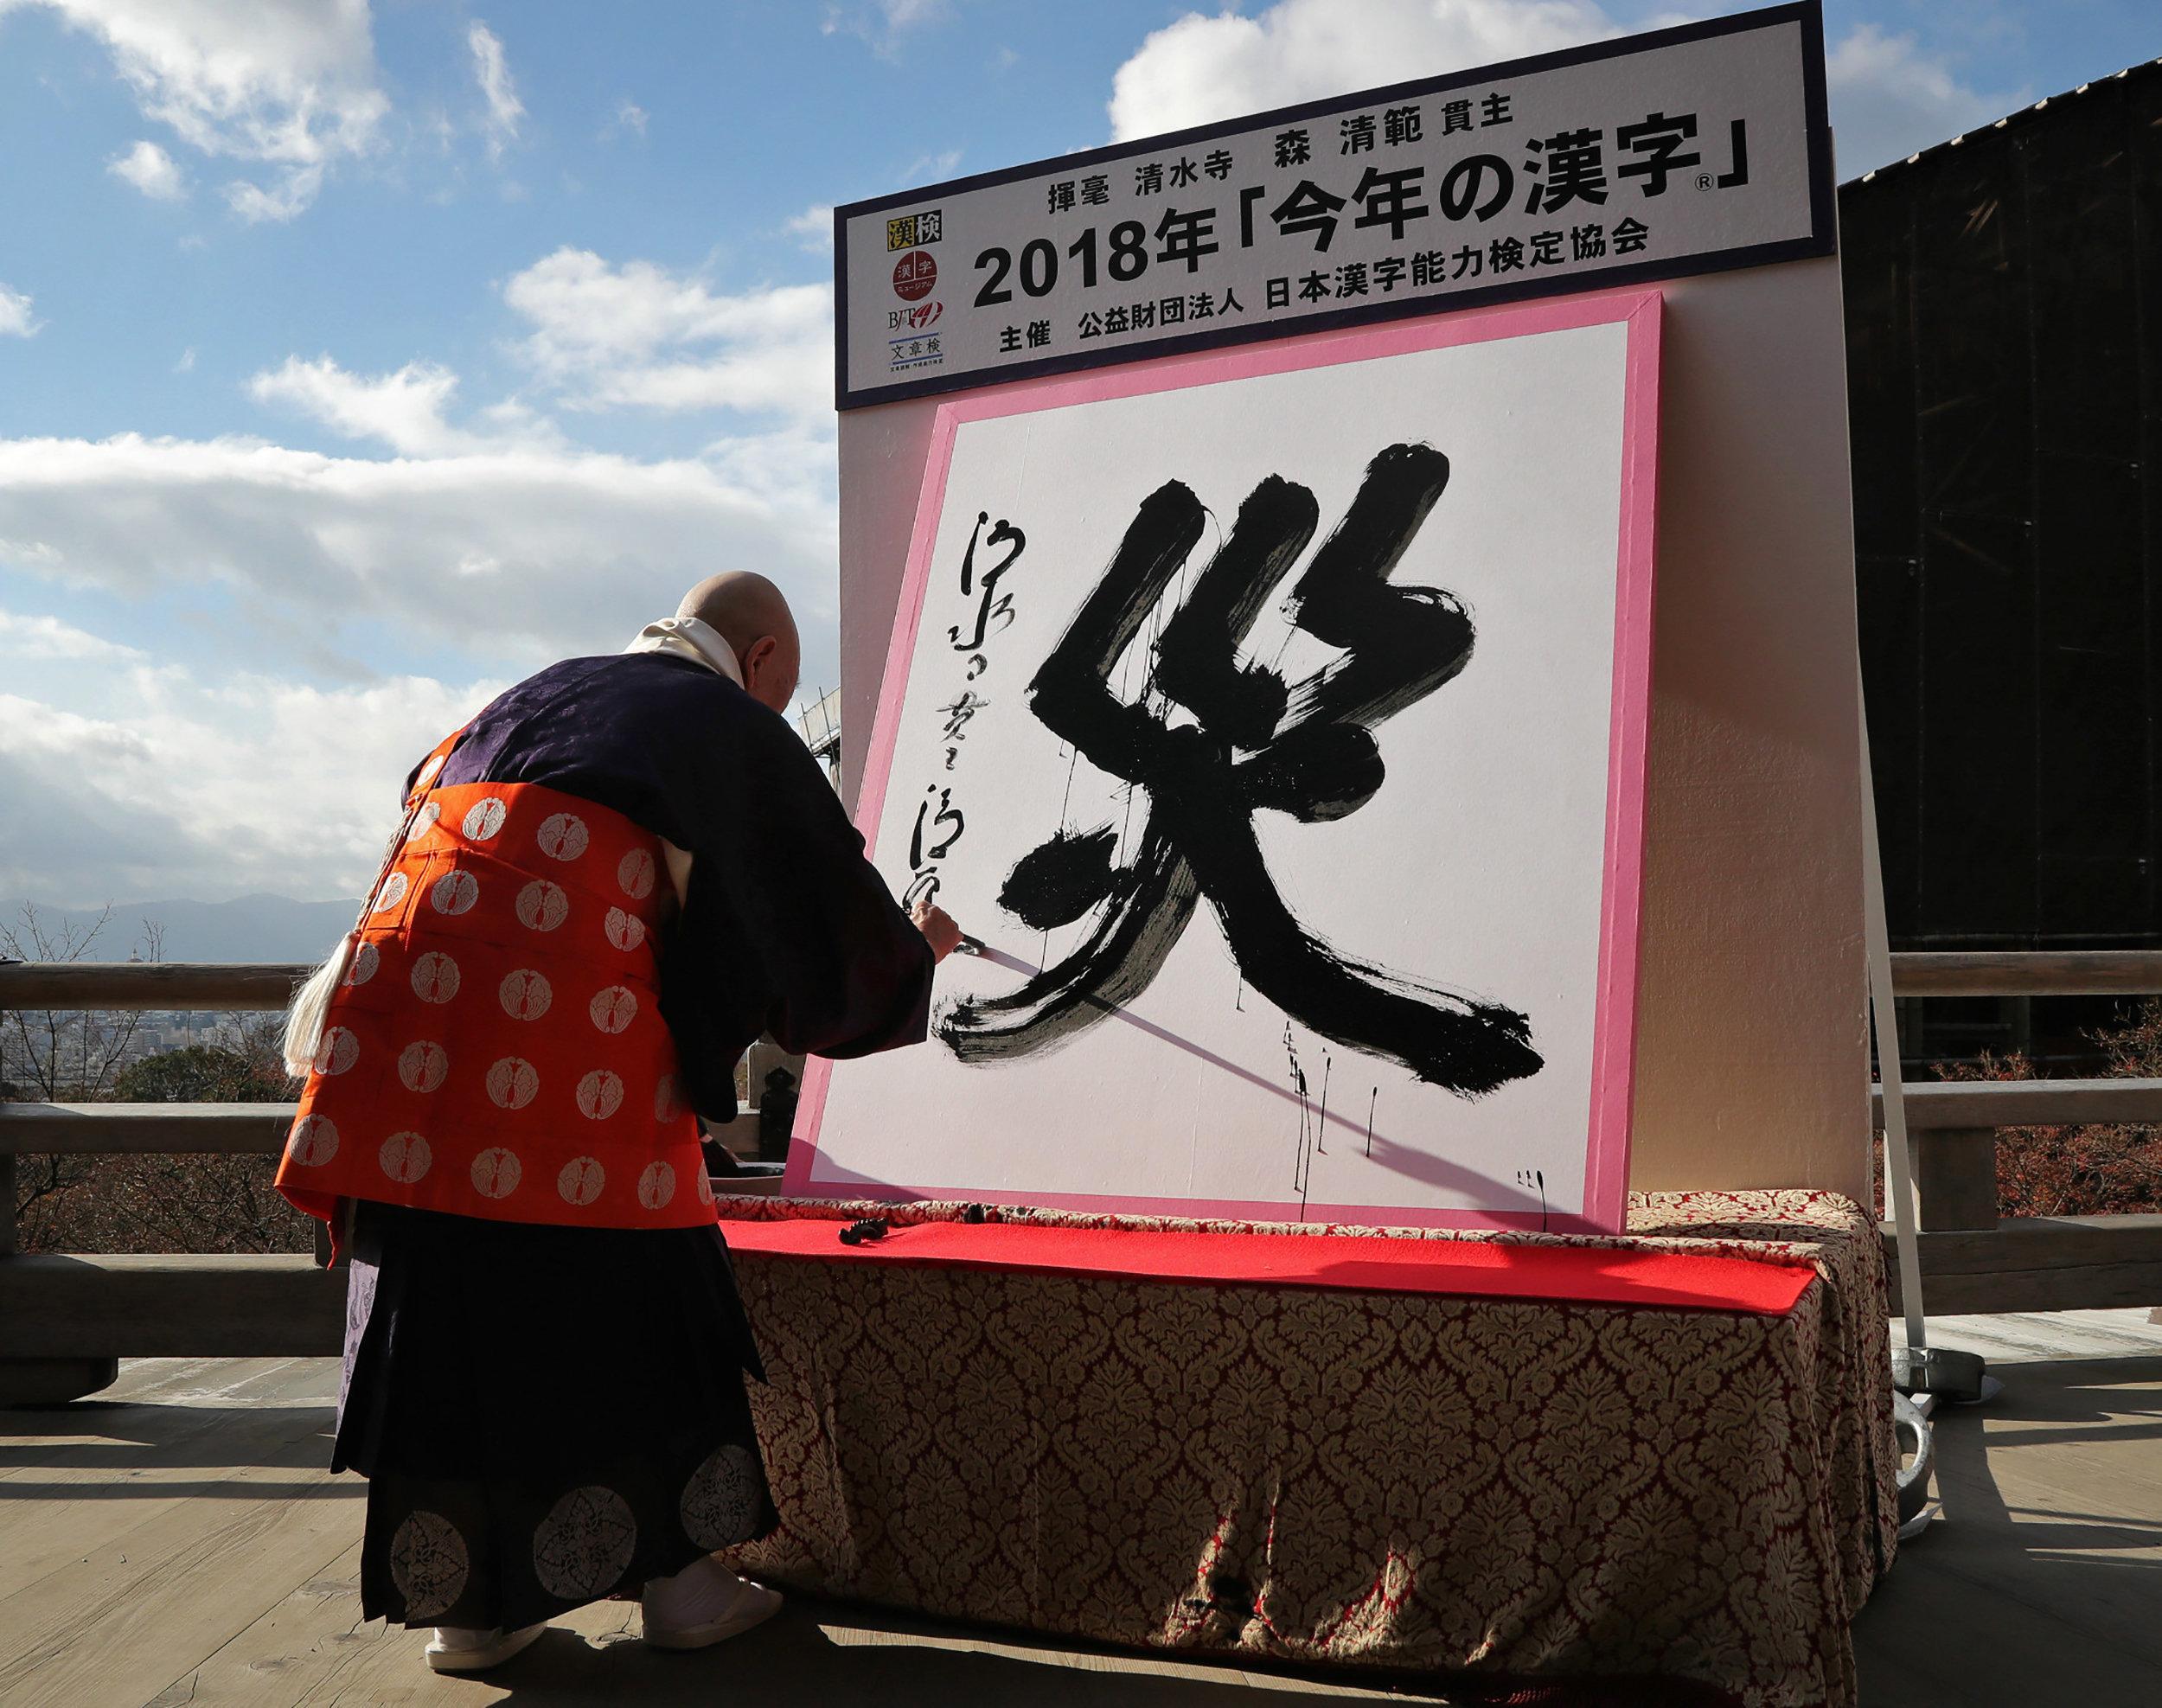 [3줄뉴스] 일본이 선정한 '올해의 한자'는